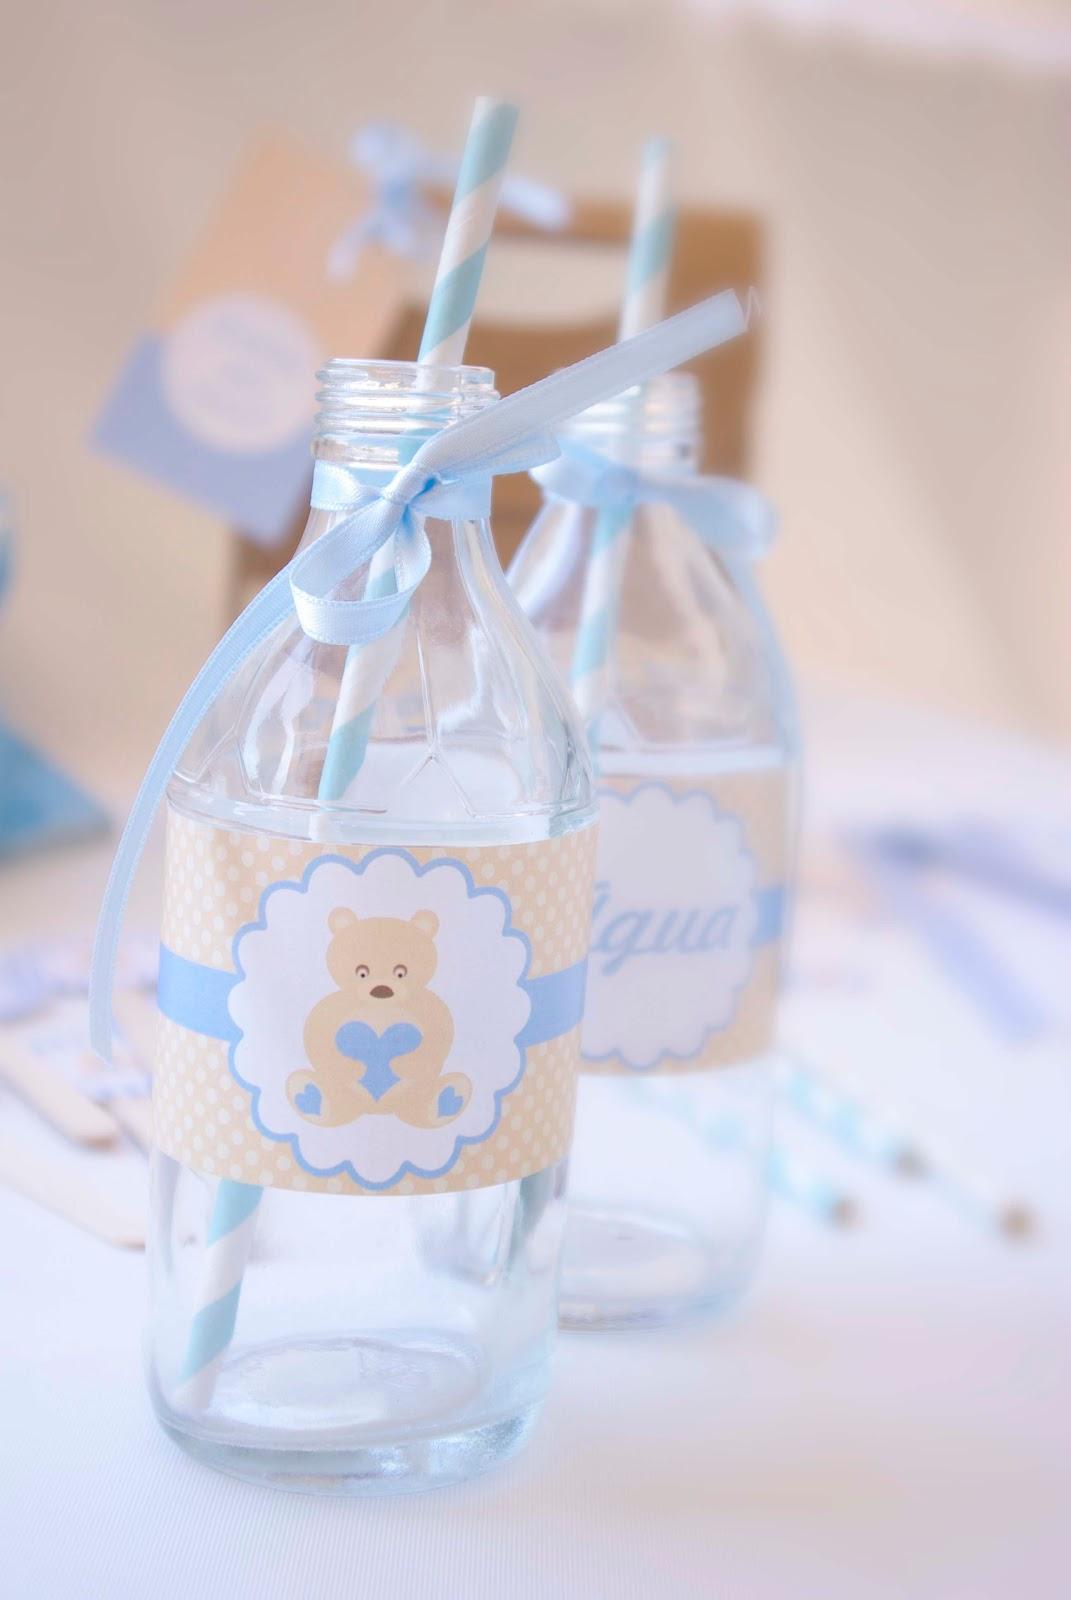 Hazlo especial decoraci n baby shower bautizo o - Adornos baby shower nino ...